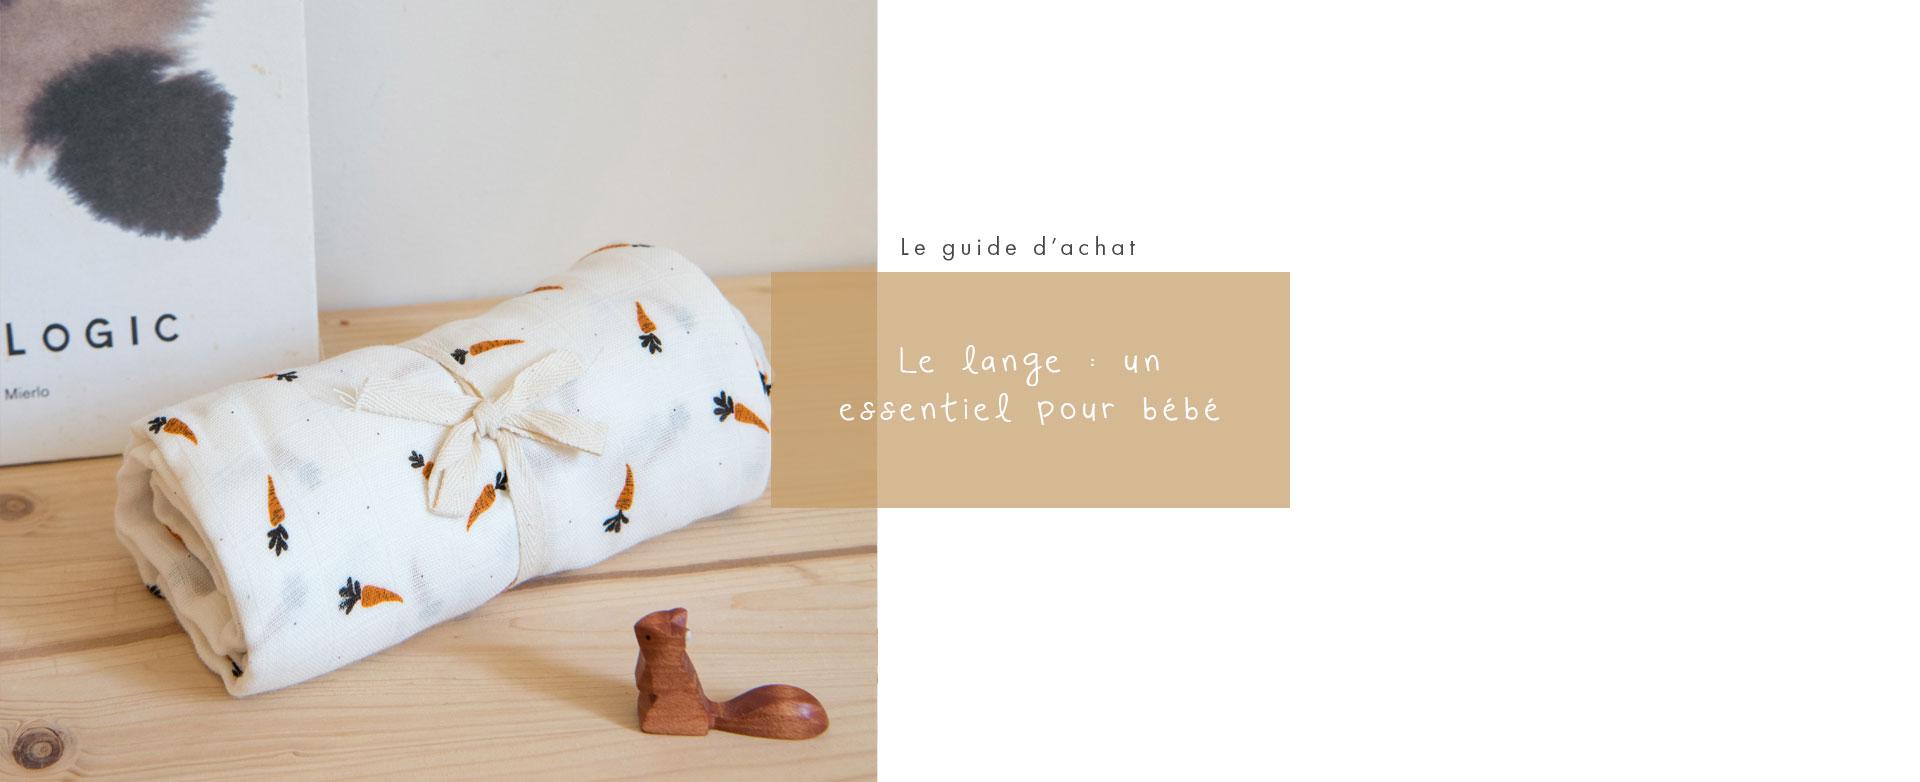 Guide d'achat : lange pour ébéb